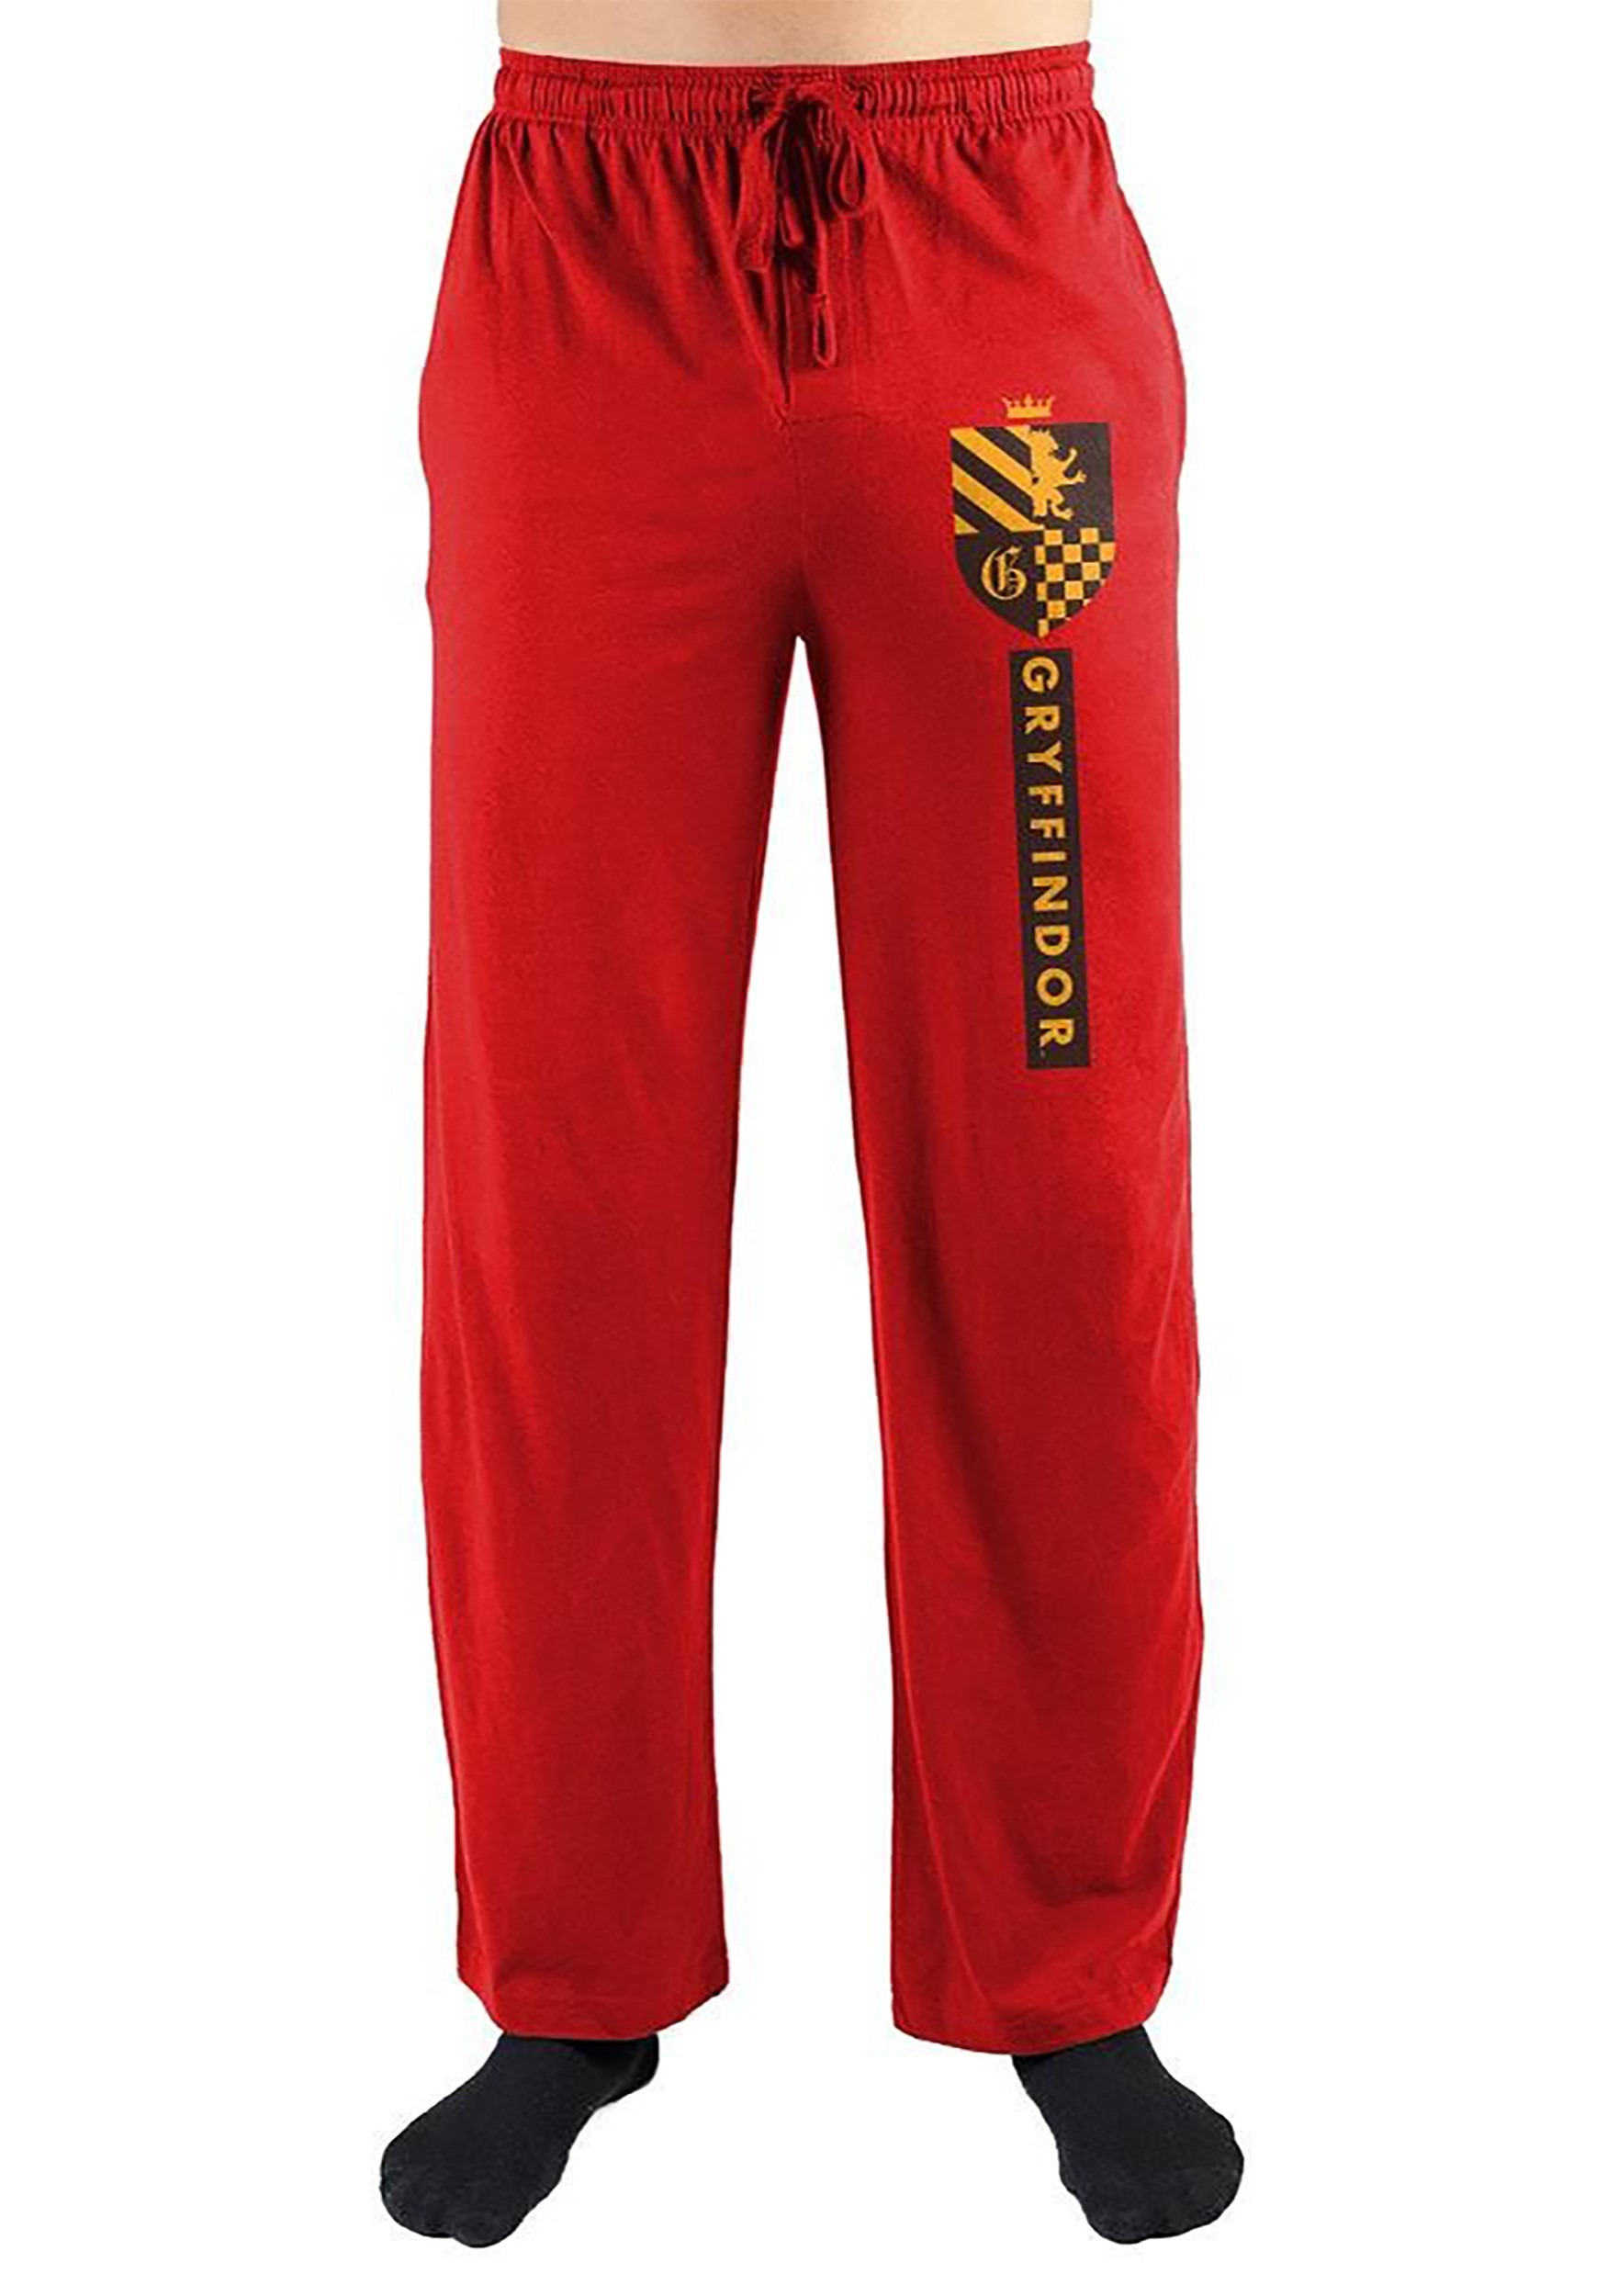 Gryffindor Adult Sleep Pants